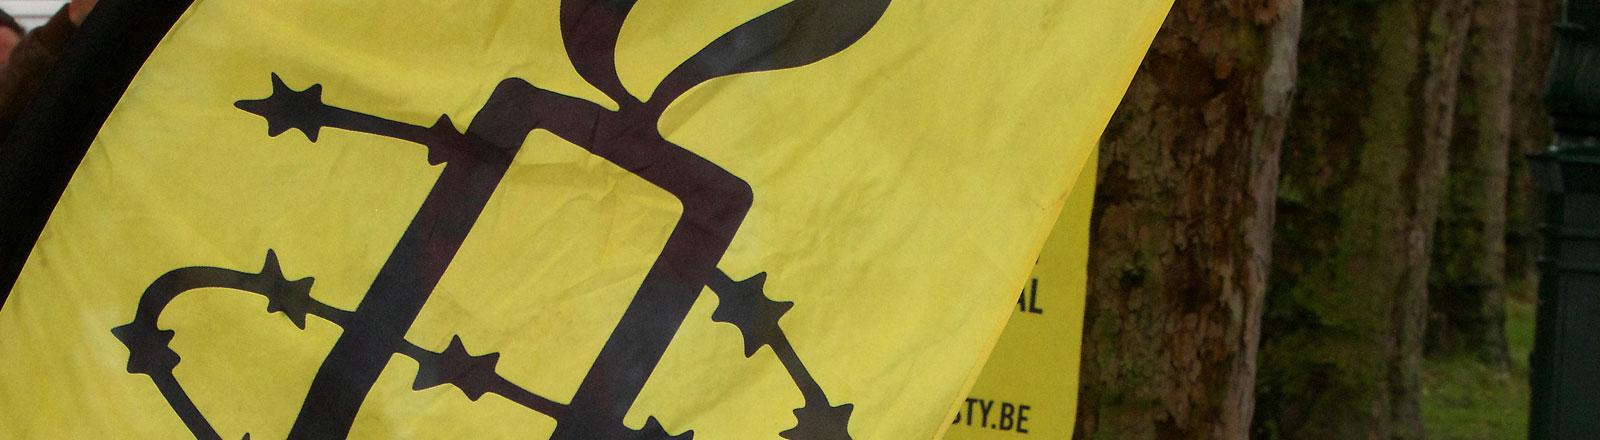 Logo der Menschenrechtsorganisation Amnesty International